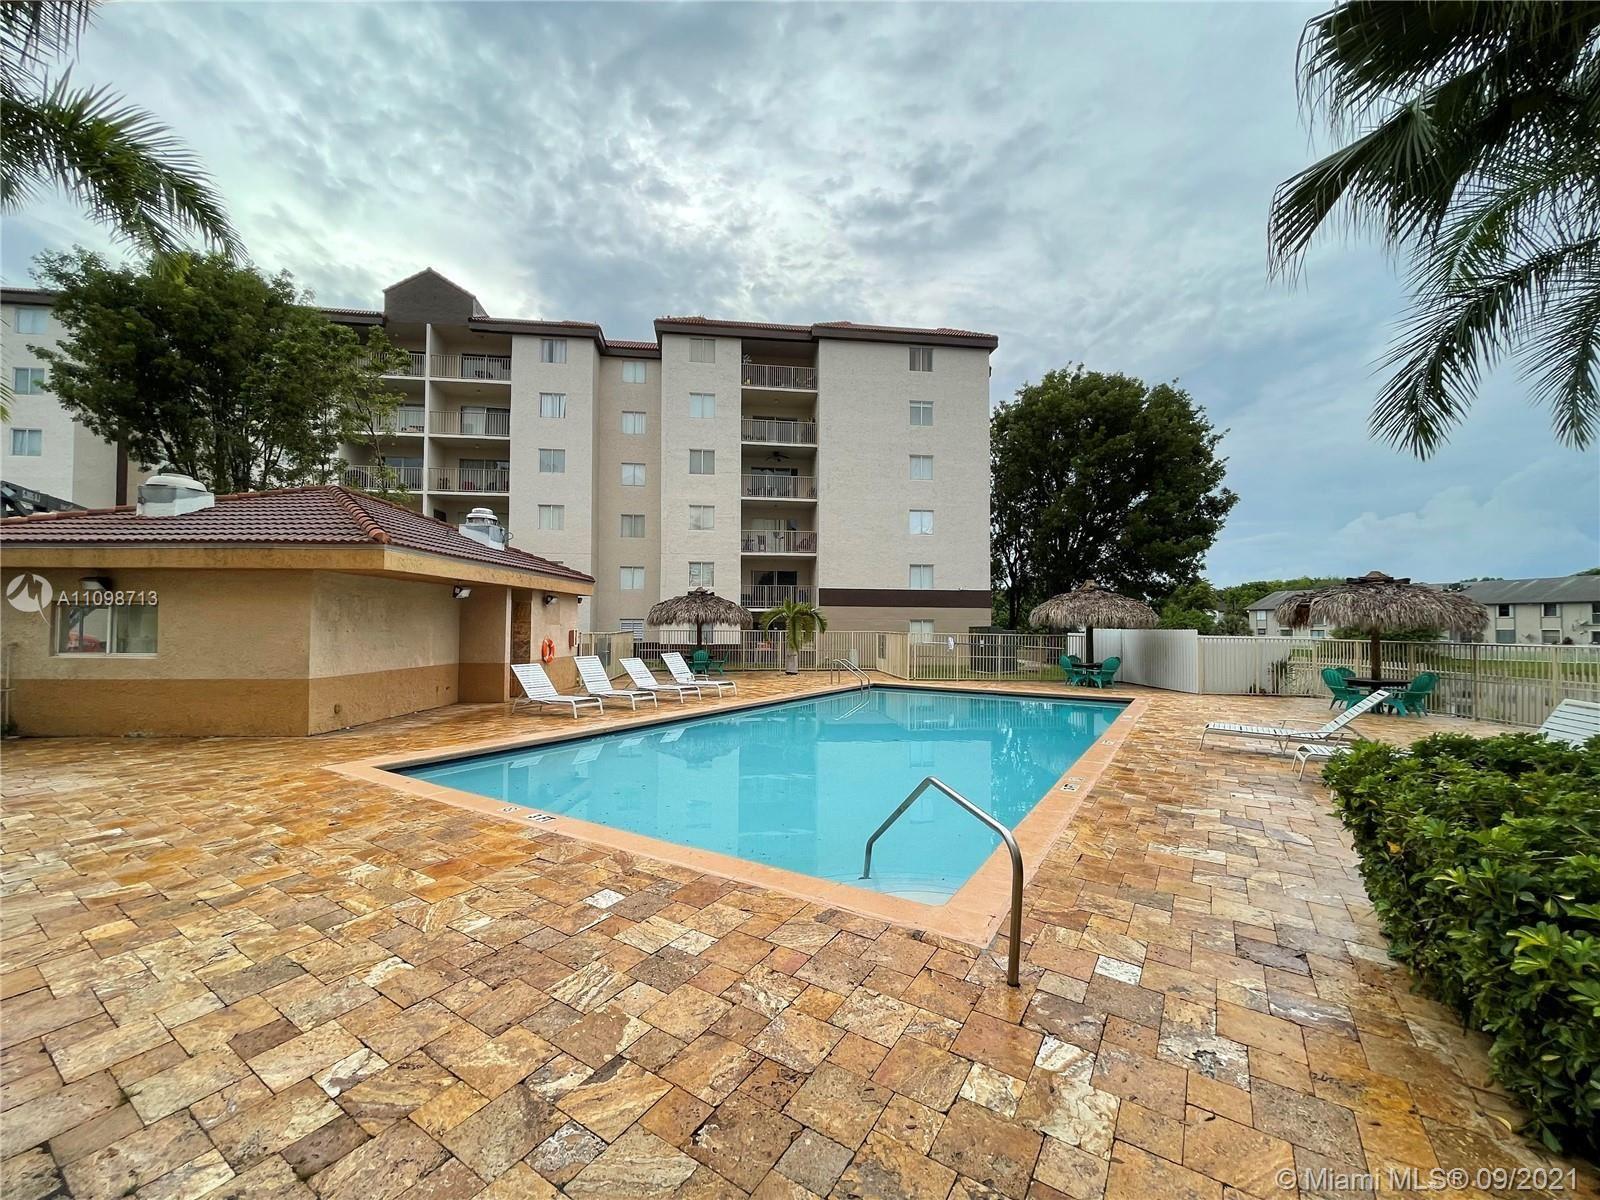 15231 SW 80th St #407, Miami, FL 33193 - #: A11098713